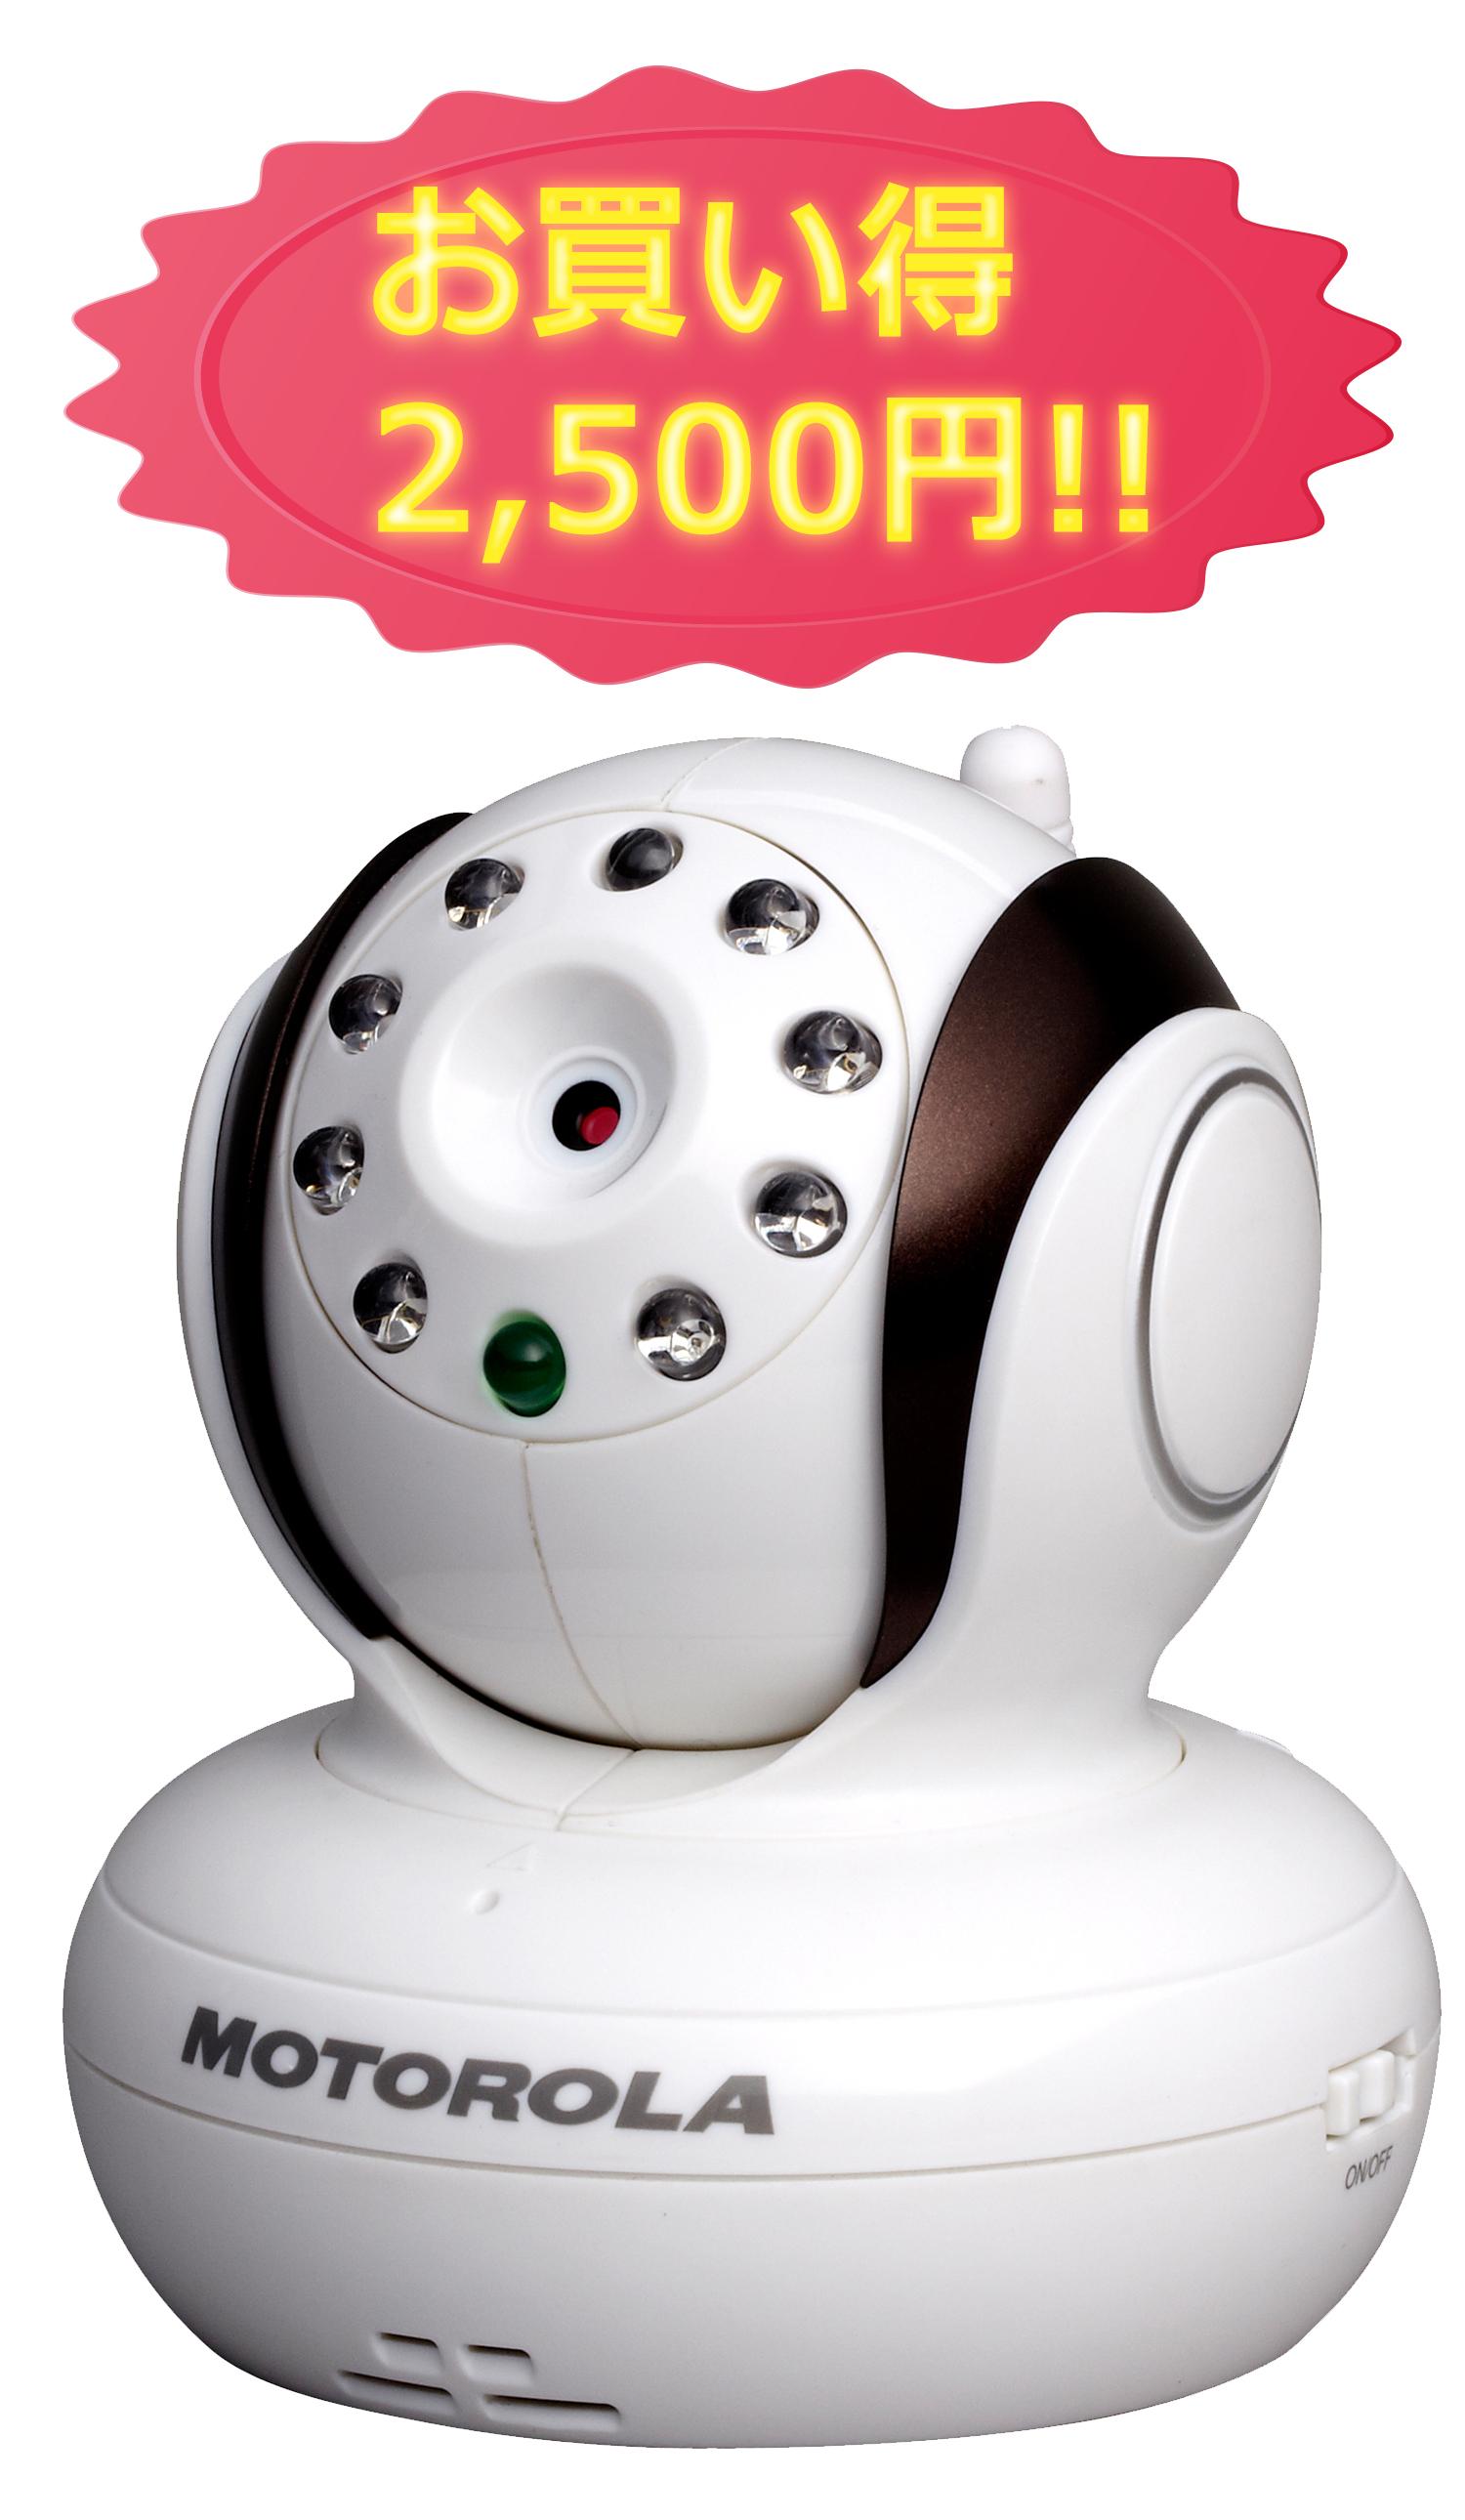 屋内カメラユニット ホワイト Mr.Mamoru 別売りカメラ MBP36BU